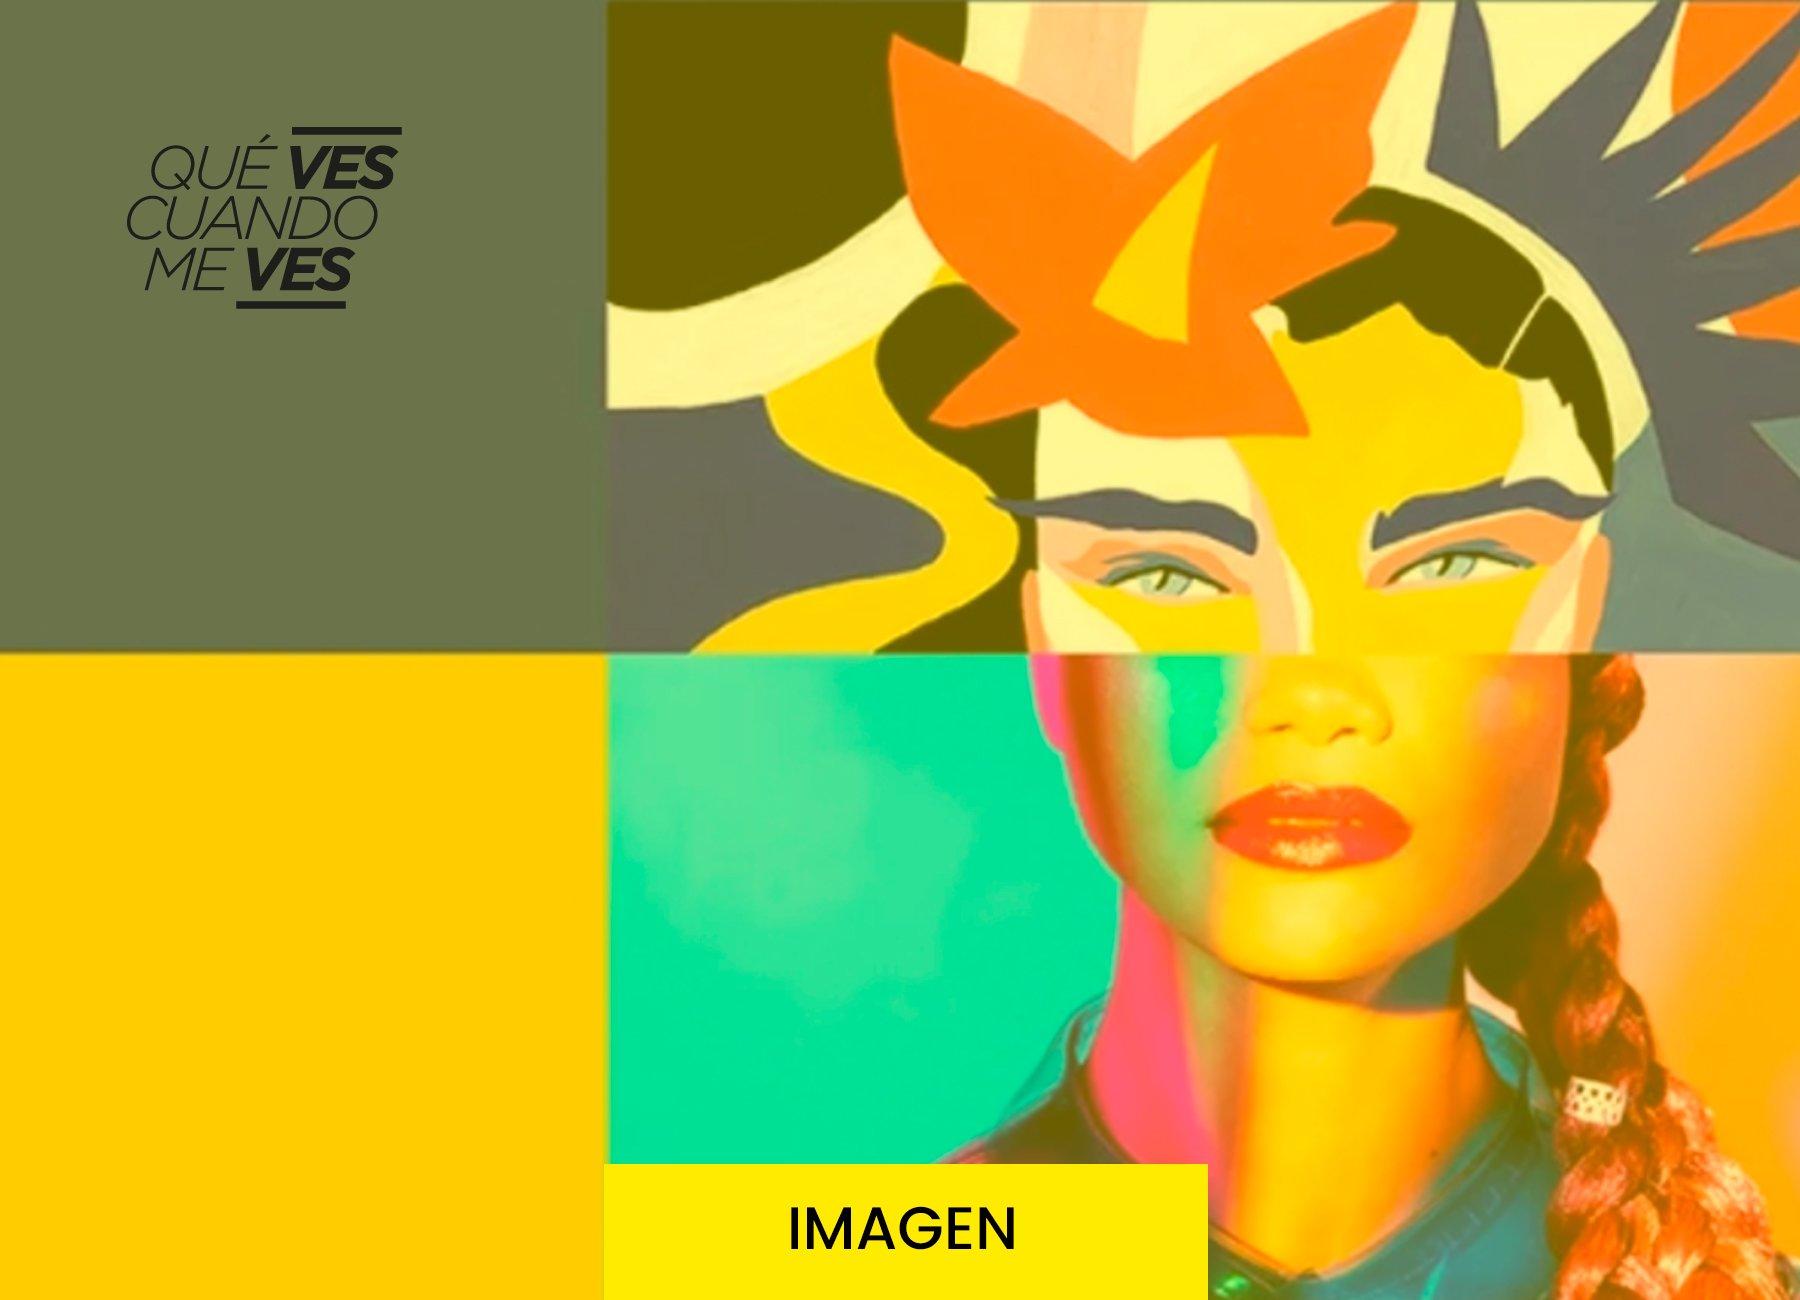 Visual Merchandising ¿Qué significado cultural tienen los colores? Diferentes aplicaciones y usos para marcas y productos